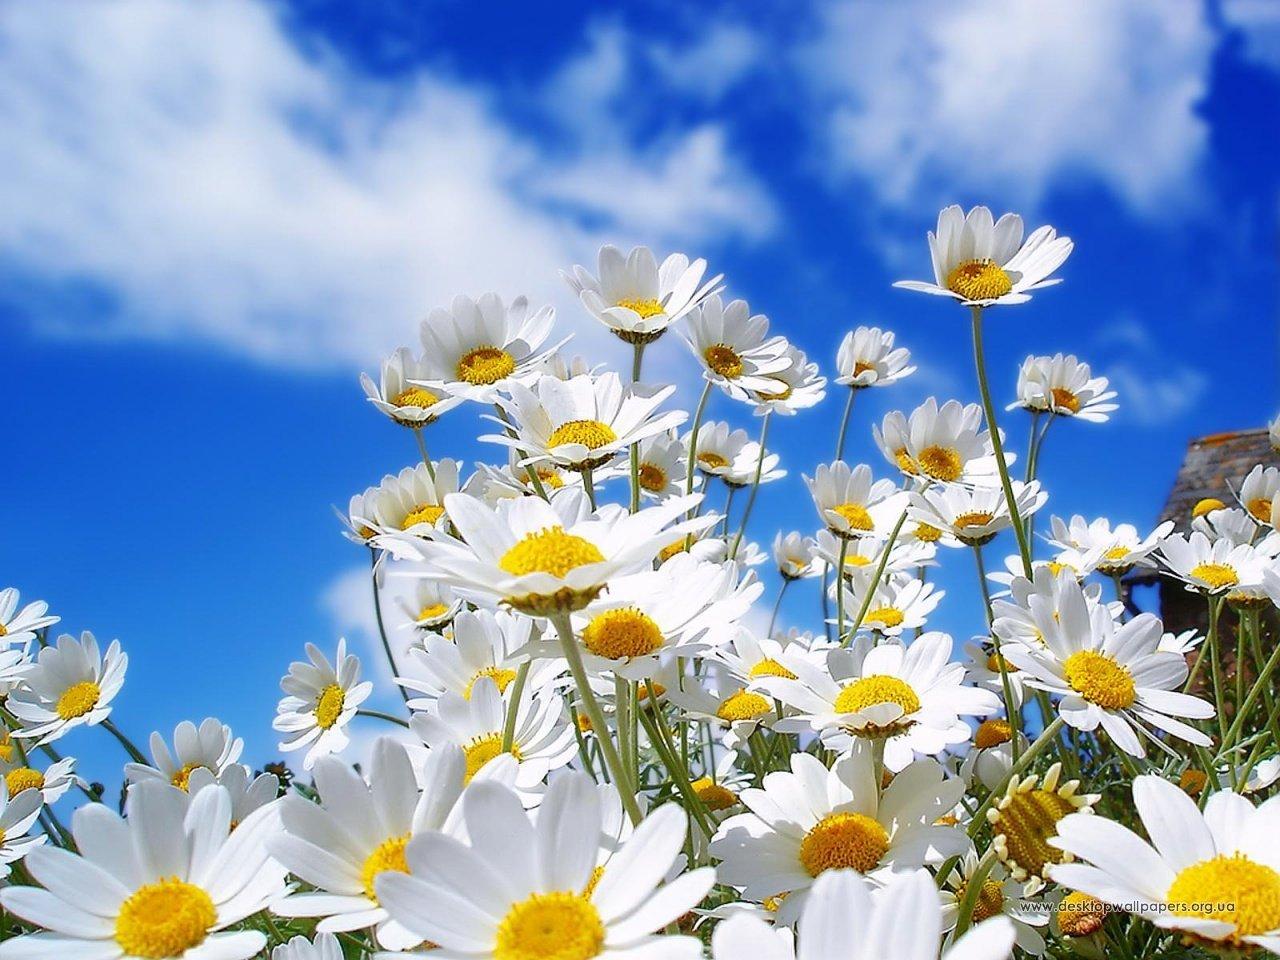 18412 скачать обои Растения, Цветы, Небо, Ромашки - заставки и картинки бесплатно